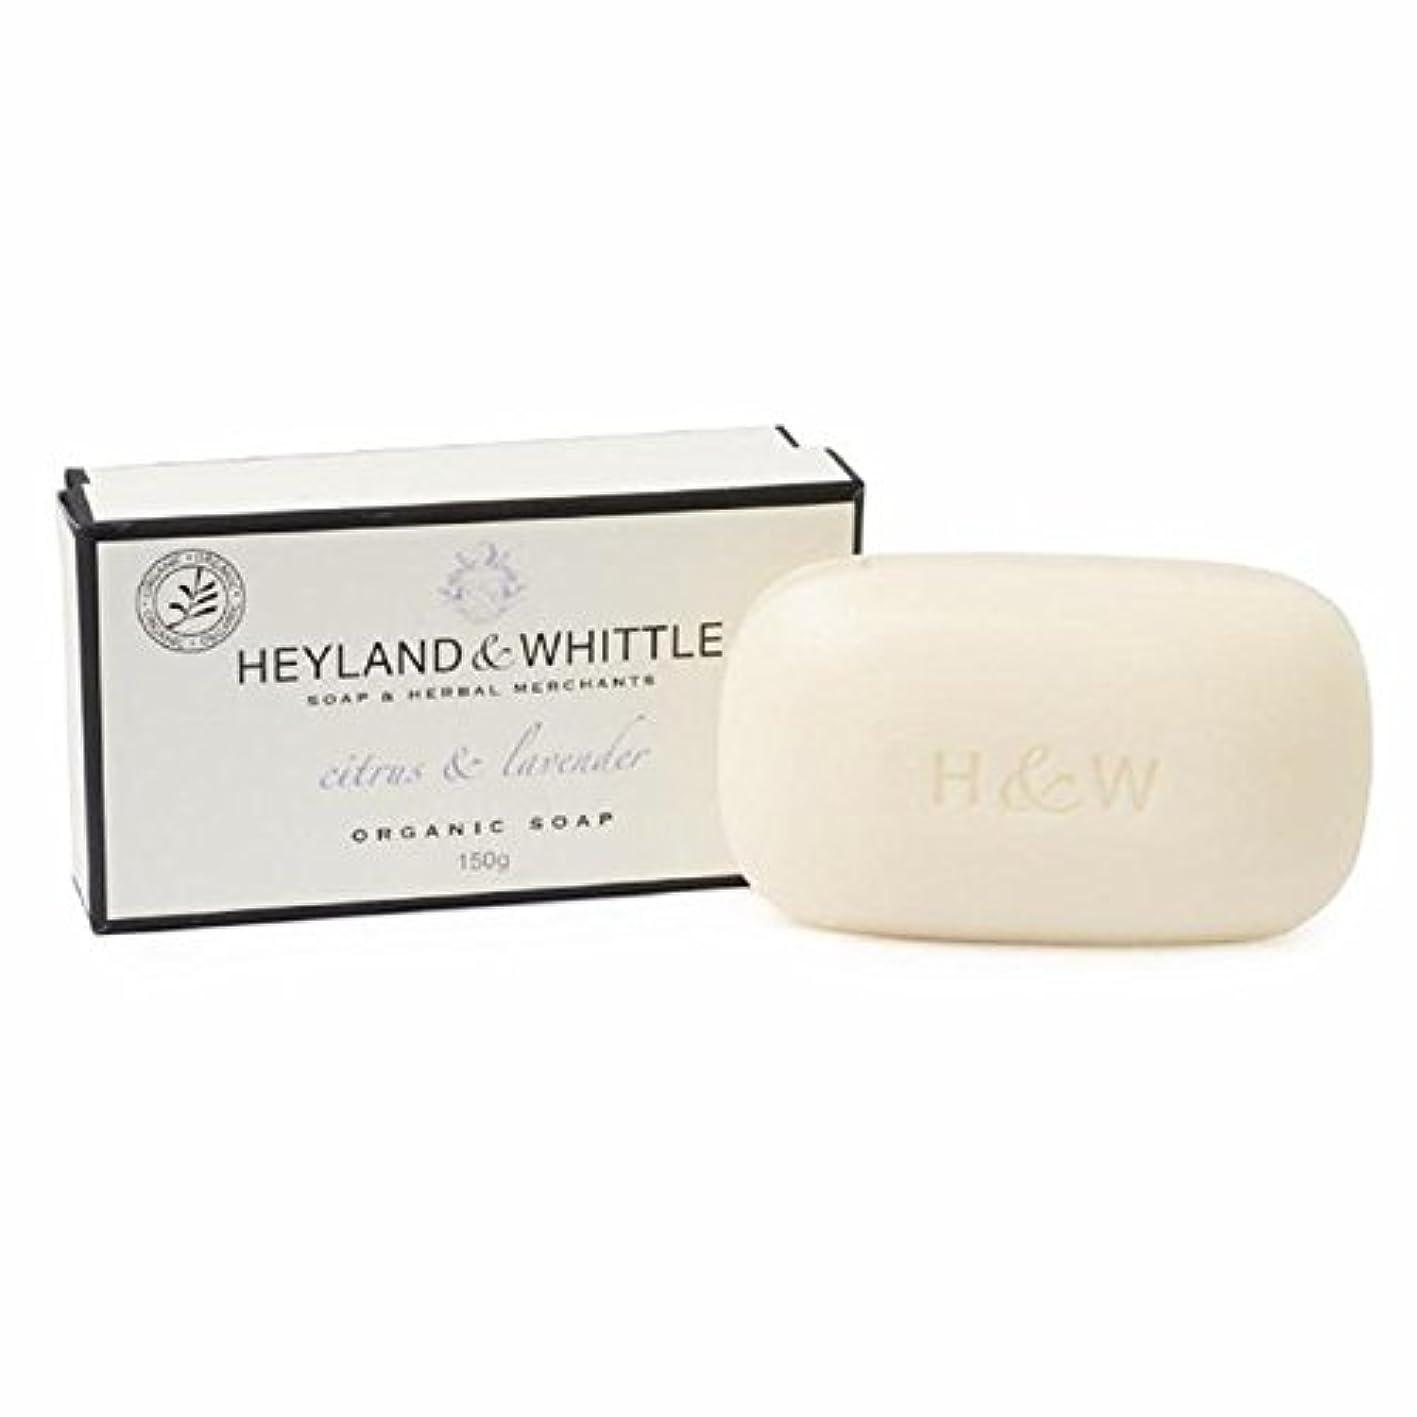 受粉者達成可能ベットHeyland & Whittle Citrus & Lavender Boxed Organic Soap 150g - &削るシトラス&ラベンダーは、有機石鹸150グラム箱入り [並行輸入品]